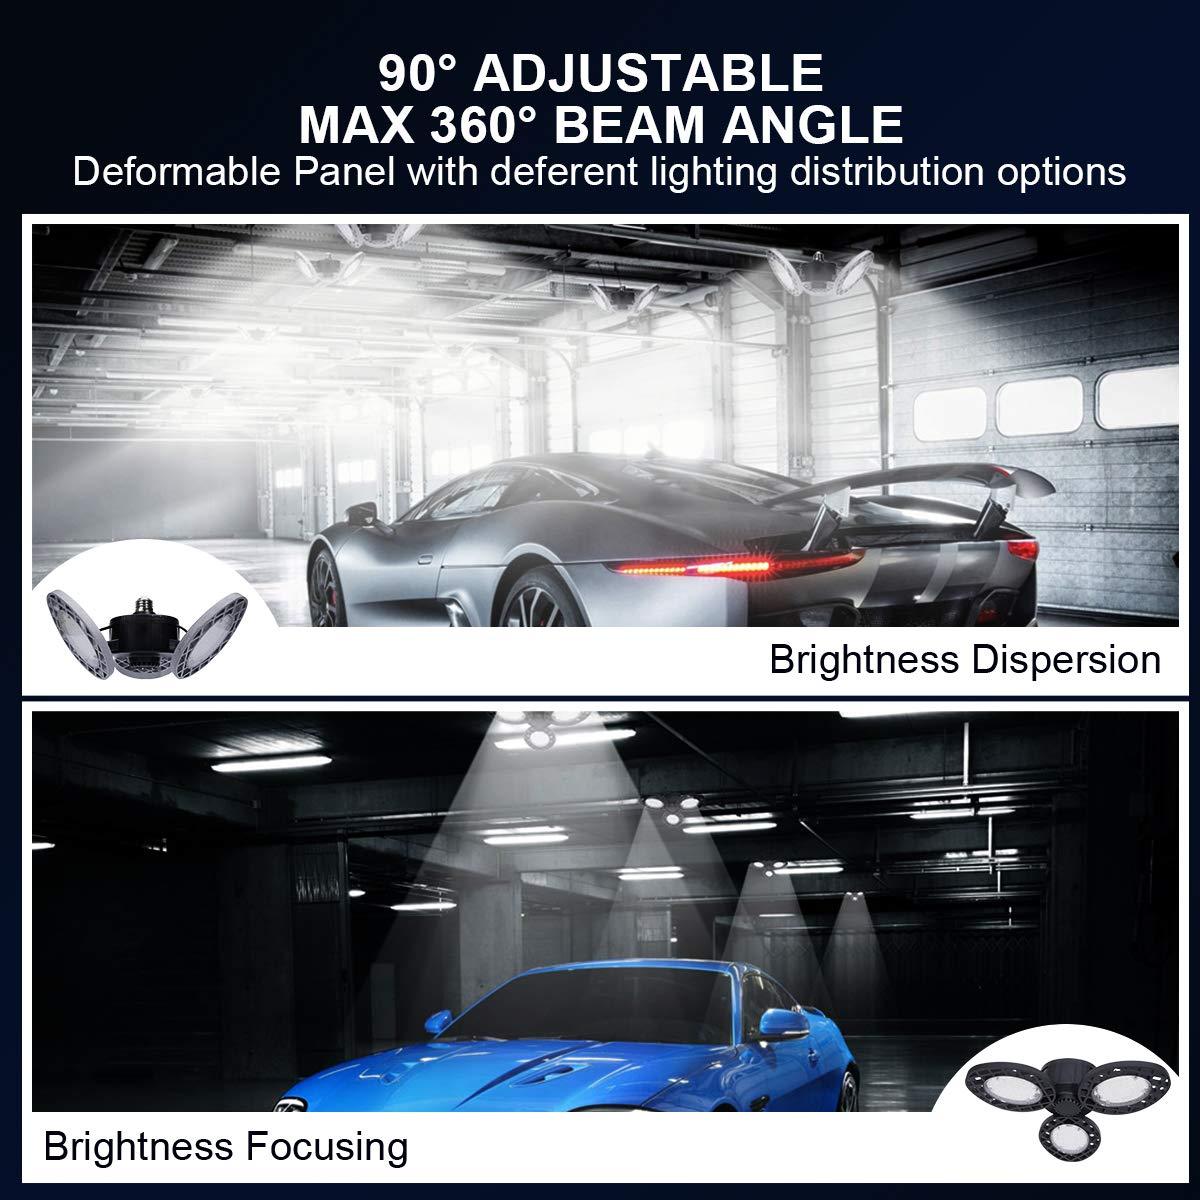 LED Garage Lights Wondesha Garage Lighting,60W Shop Lights for Garage Deformable Garage Work Light with 3 Adjustable Panels,LED Light Bulb for Garage Basement,Workshop,Warehouse(E26,60W,6000lm,Black)